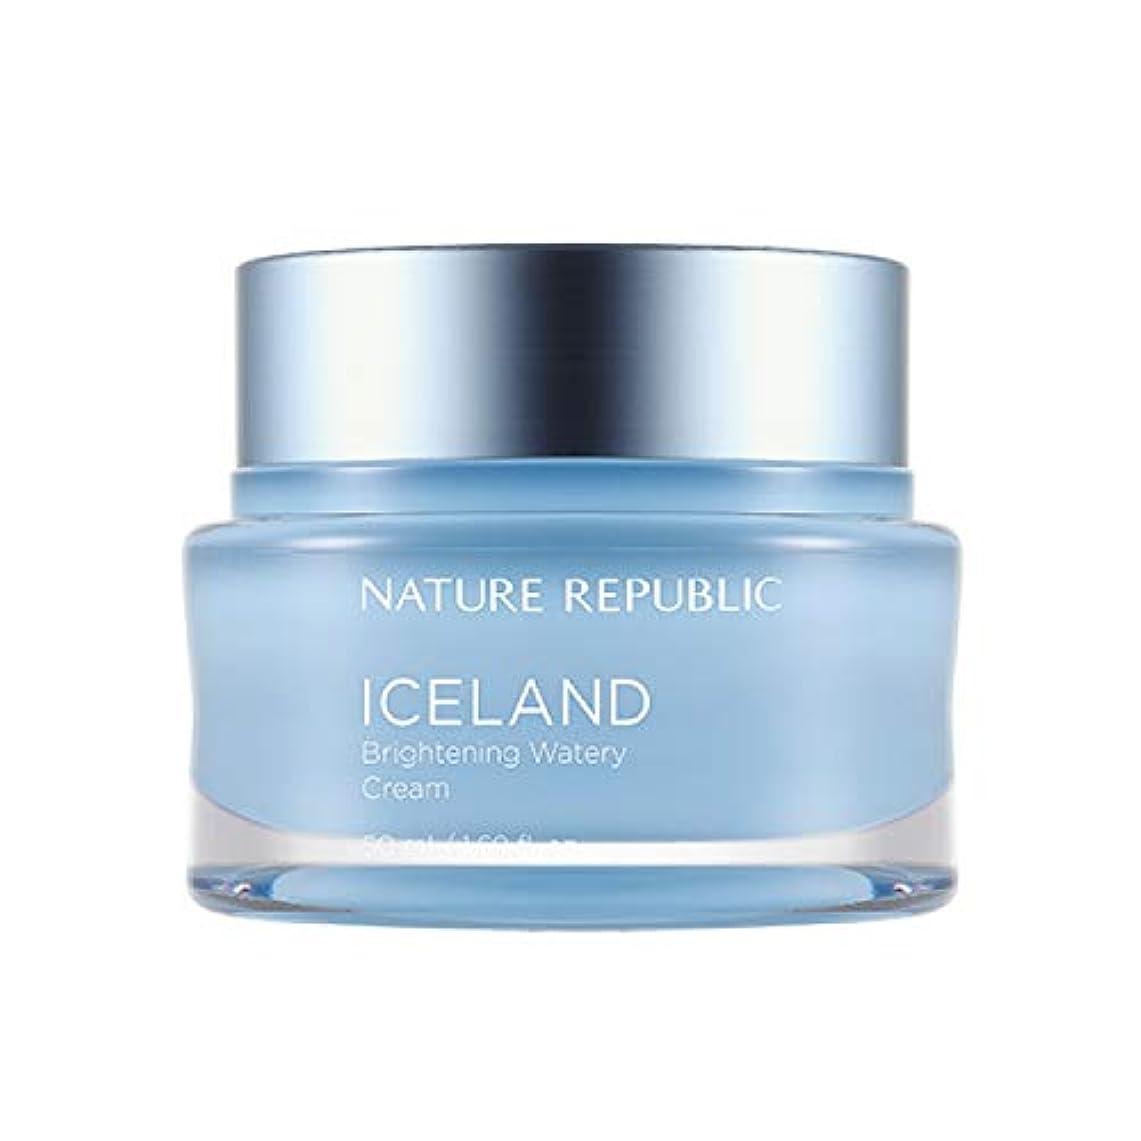 代わりに忘れっぽい幻滅するネイチャーリパブリック(Nature Republic)アイスブライトニング水分クリーム 50ml / Iceland Brightening Watery Cream 50ml :: 韓国コスメ [並行輸入品]